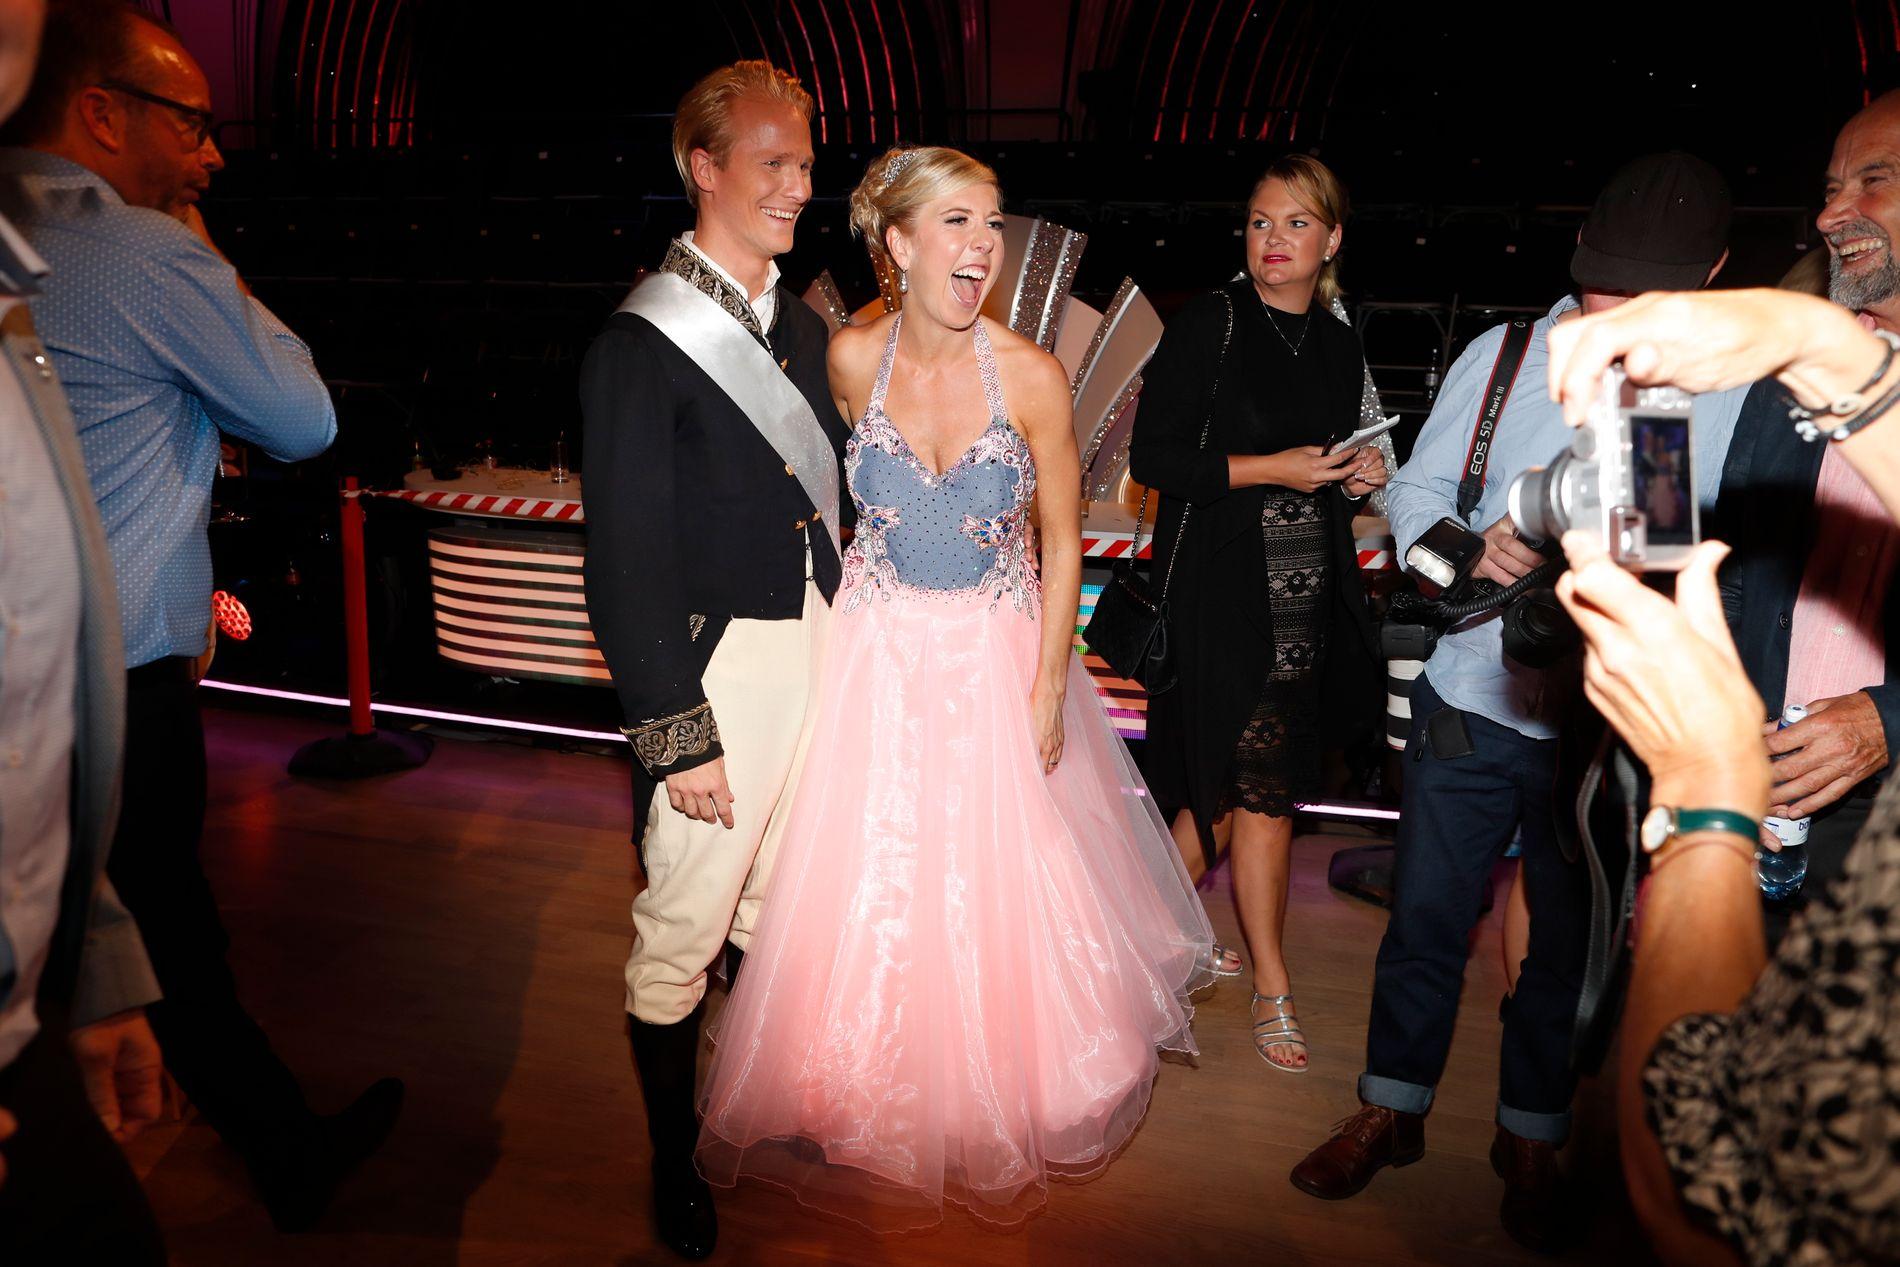 LETTET OVER FØRSTE SENDING: Kristin Størmer Steira hadde ikke trodd at dansingen skulle være så gøy, her med dansepartneren Fredric Brunberg etter sending